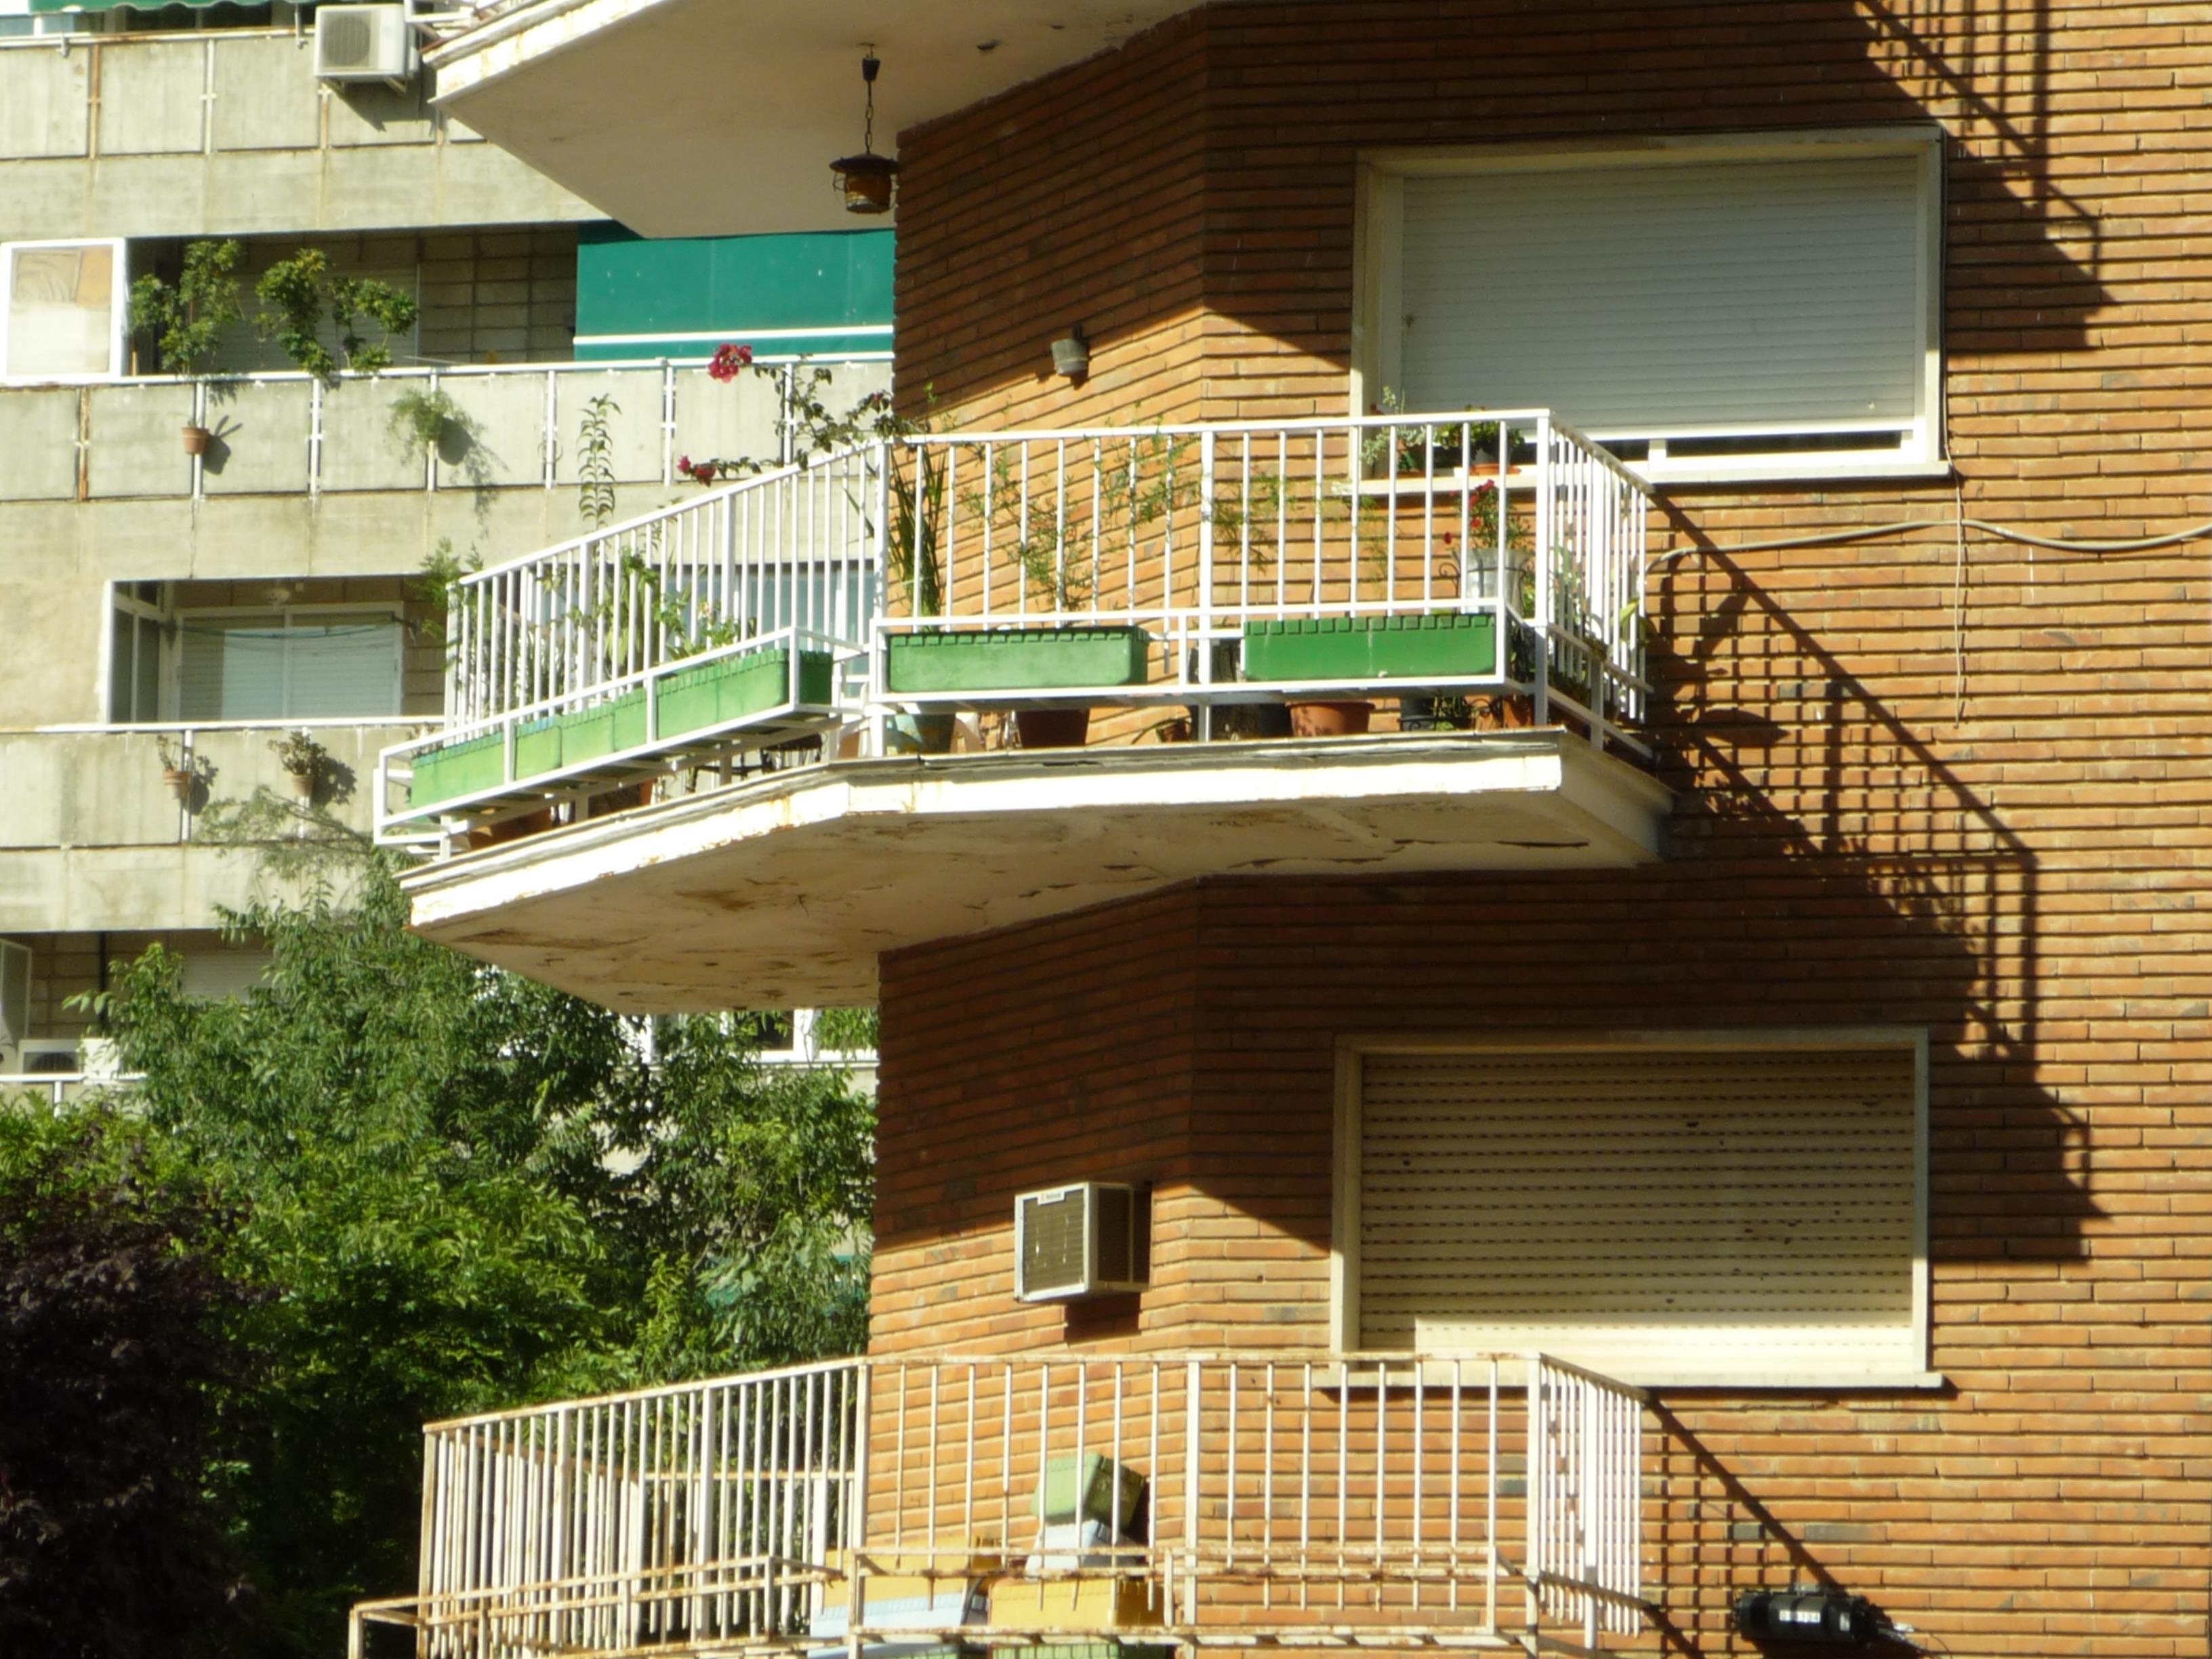 fotos gratis cubierta madera casa techo porche balcn plataforma fachada propiedad exterior alojamiento pretil terraza esquina